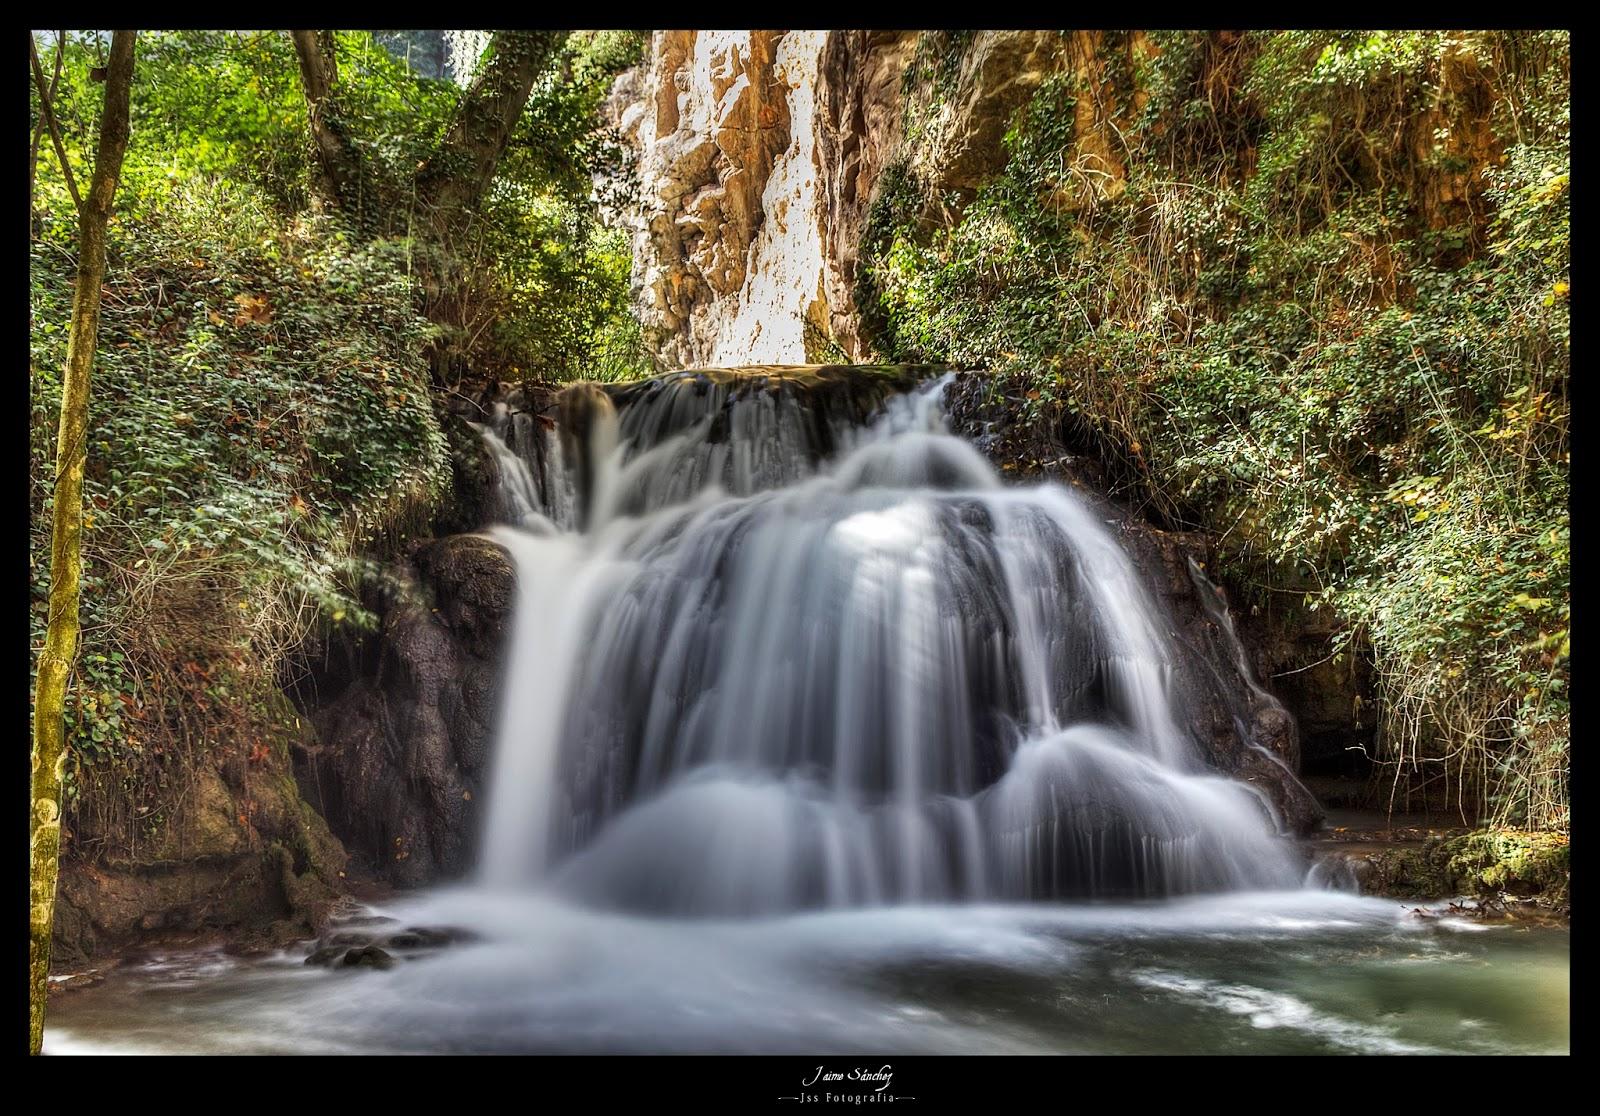 Jaime s nchez sim n jss fotografia monasterio de piedra for Piedras para cascadas